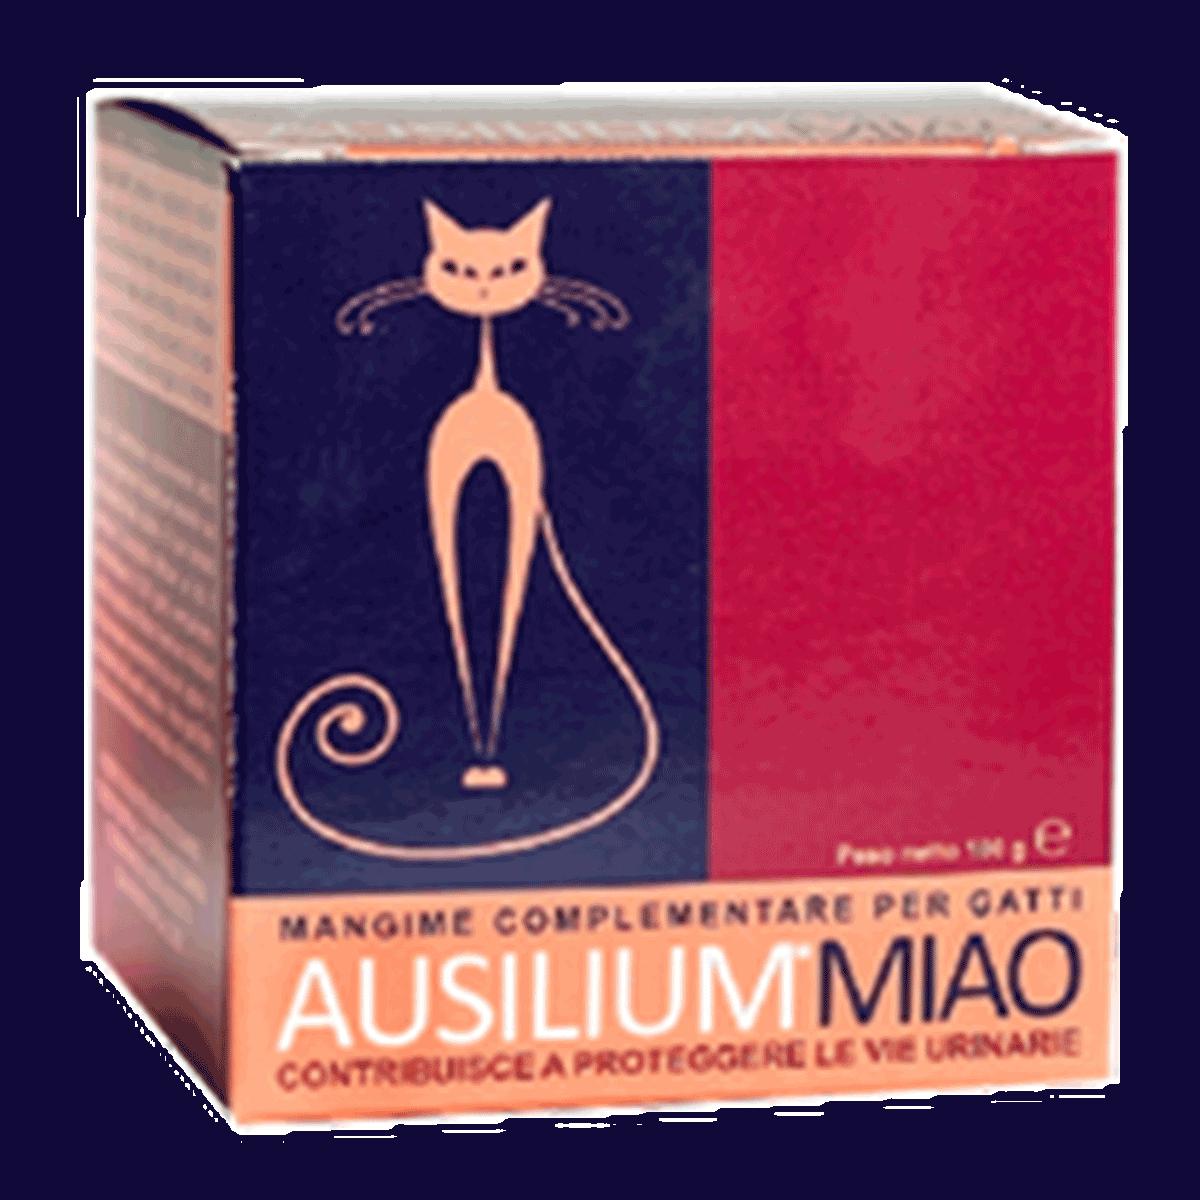 ausilium-miao-mit-d-manose